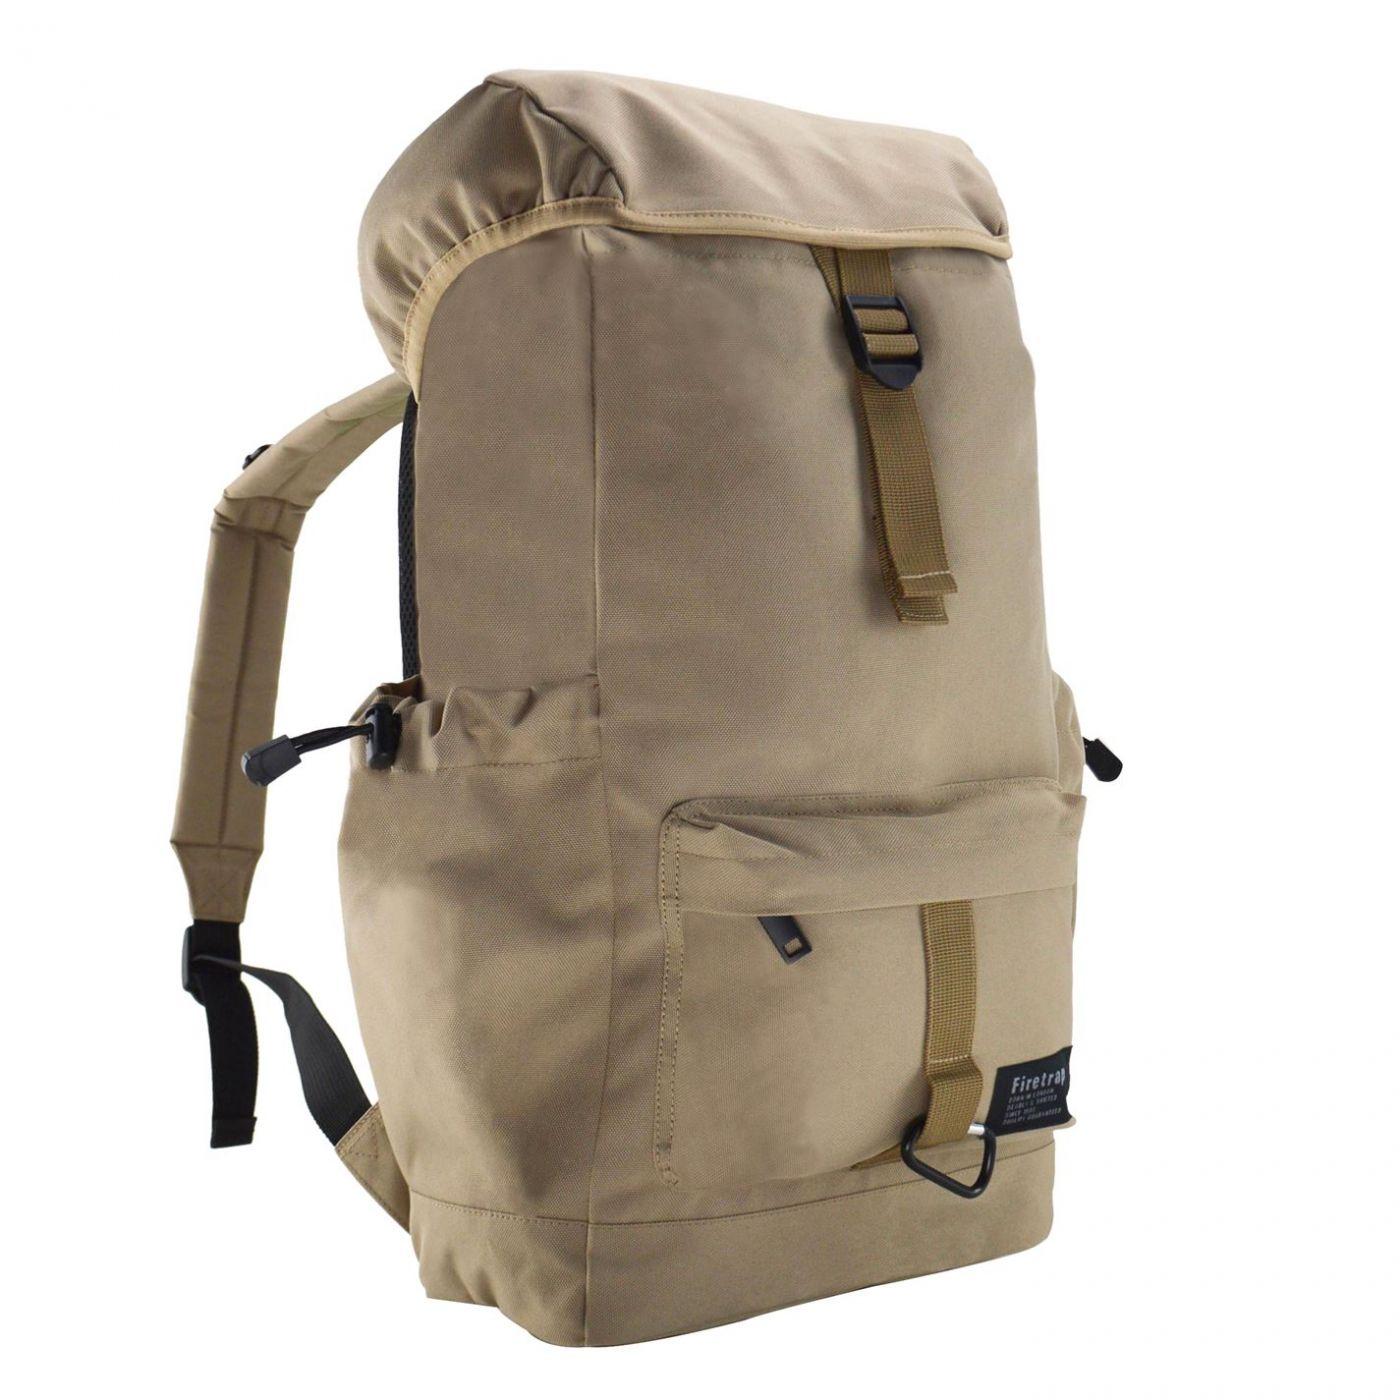 Firetrap Hike Duffle Bag